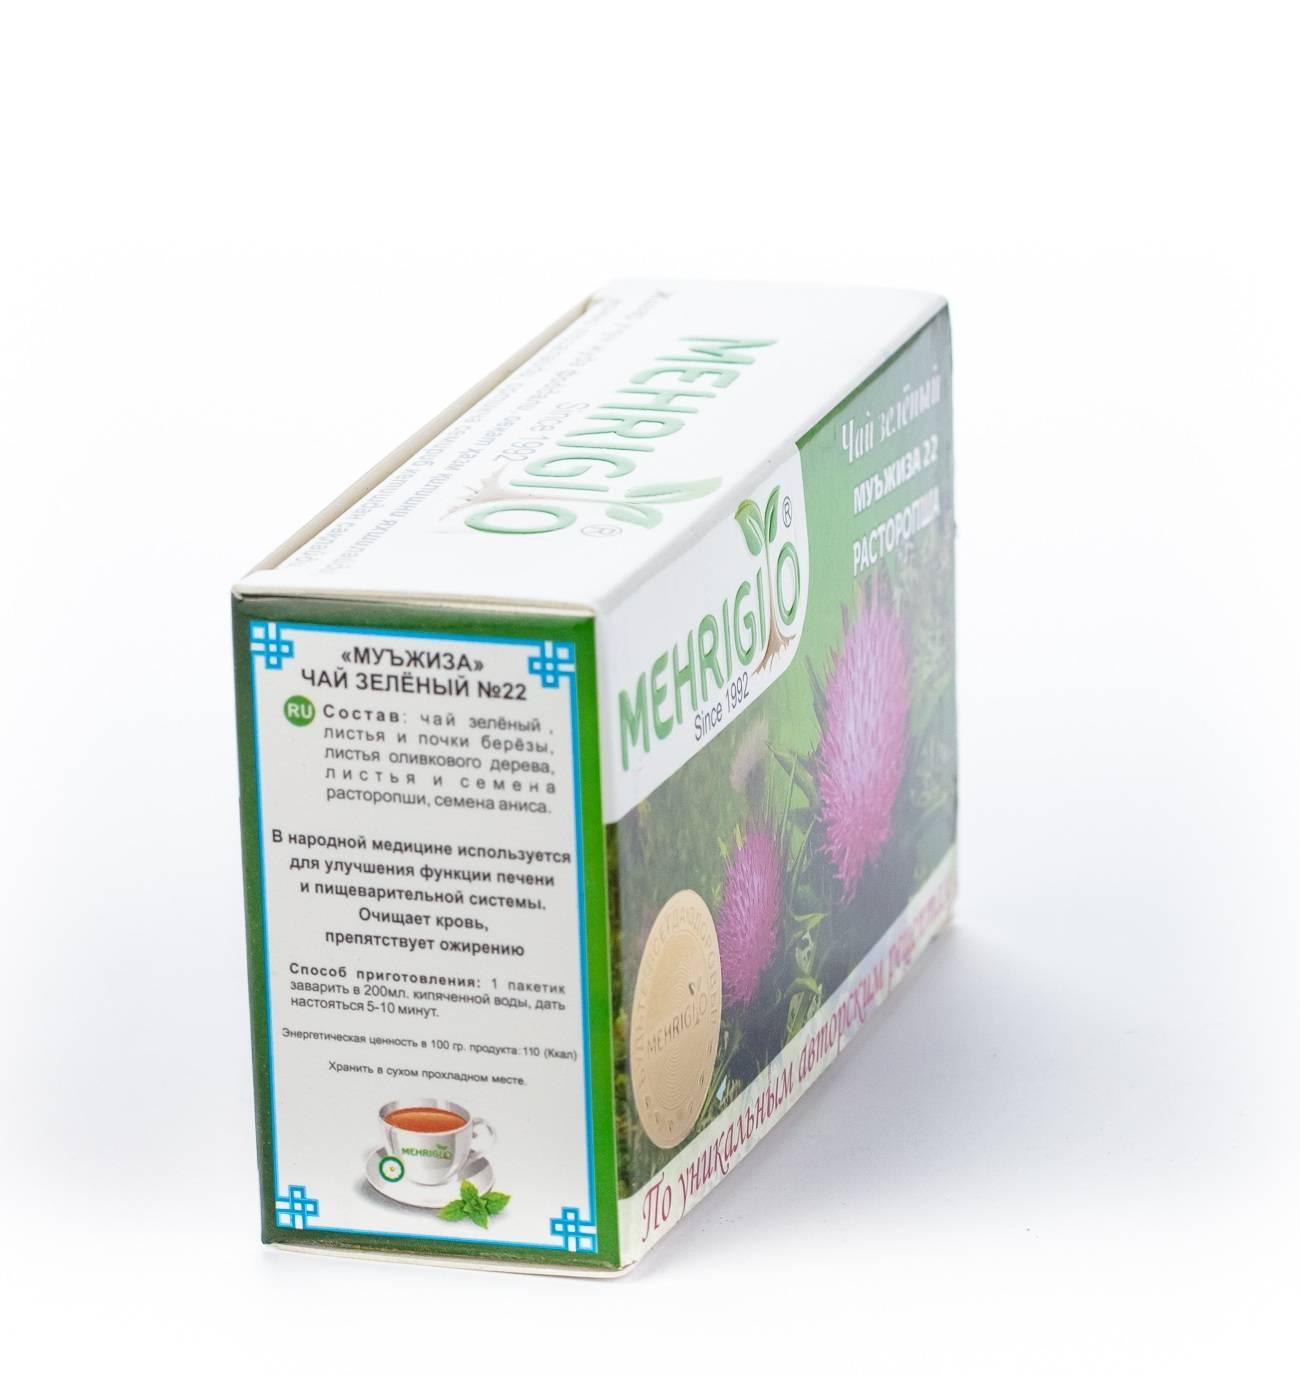 Как принимать семена расторопши для оздоровления печени: в чистом виде, приготовление отвара, чая